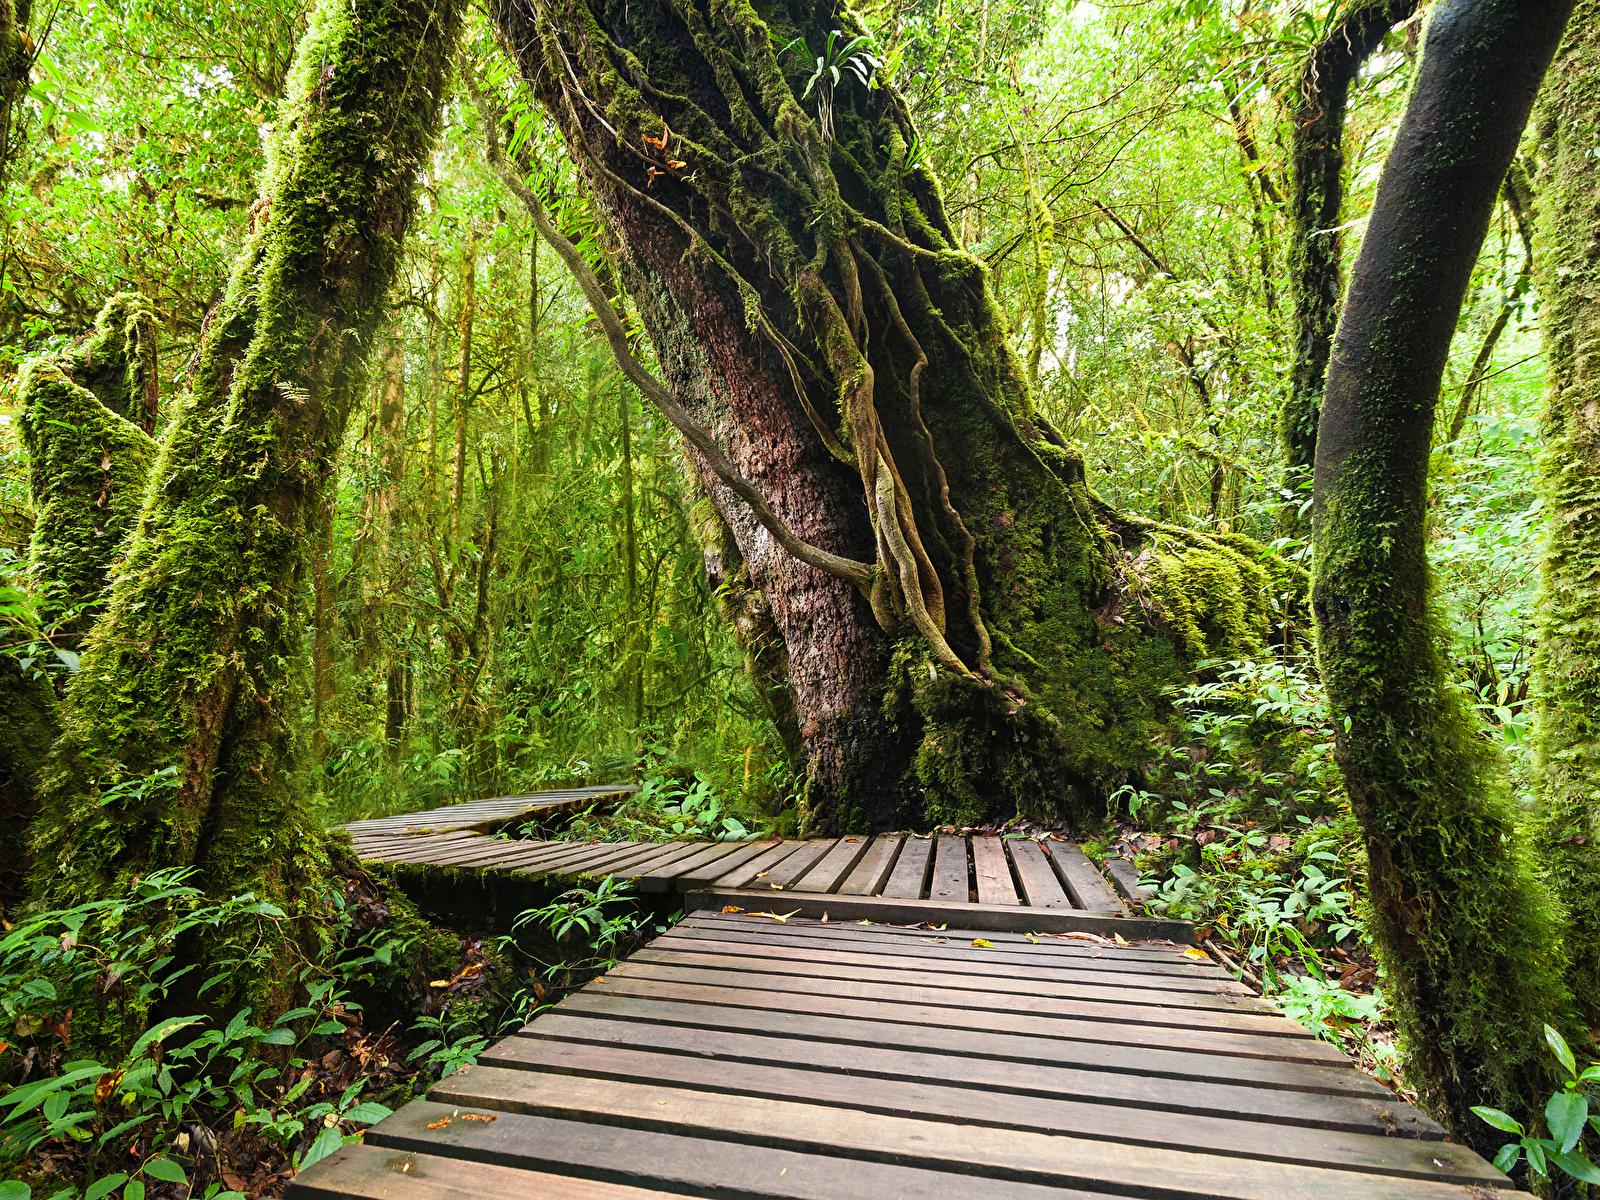 Обои для рабочего стола Таиланд Doi Inthanon National Park Природа лес Парки Тропики Ствол дерева Мох 1600x1200 Леса парк тропический мха мхом